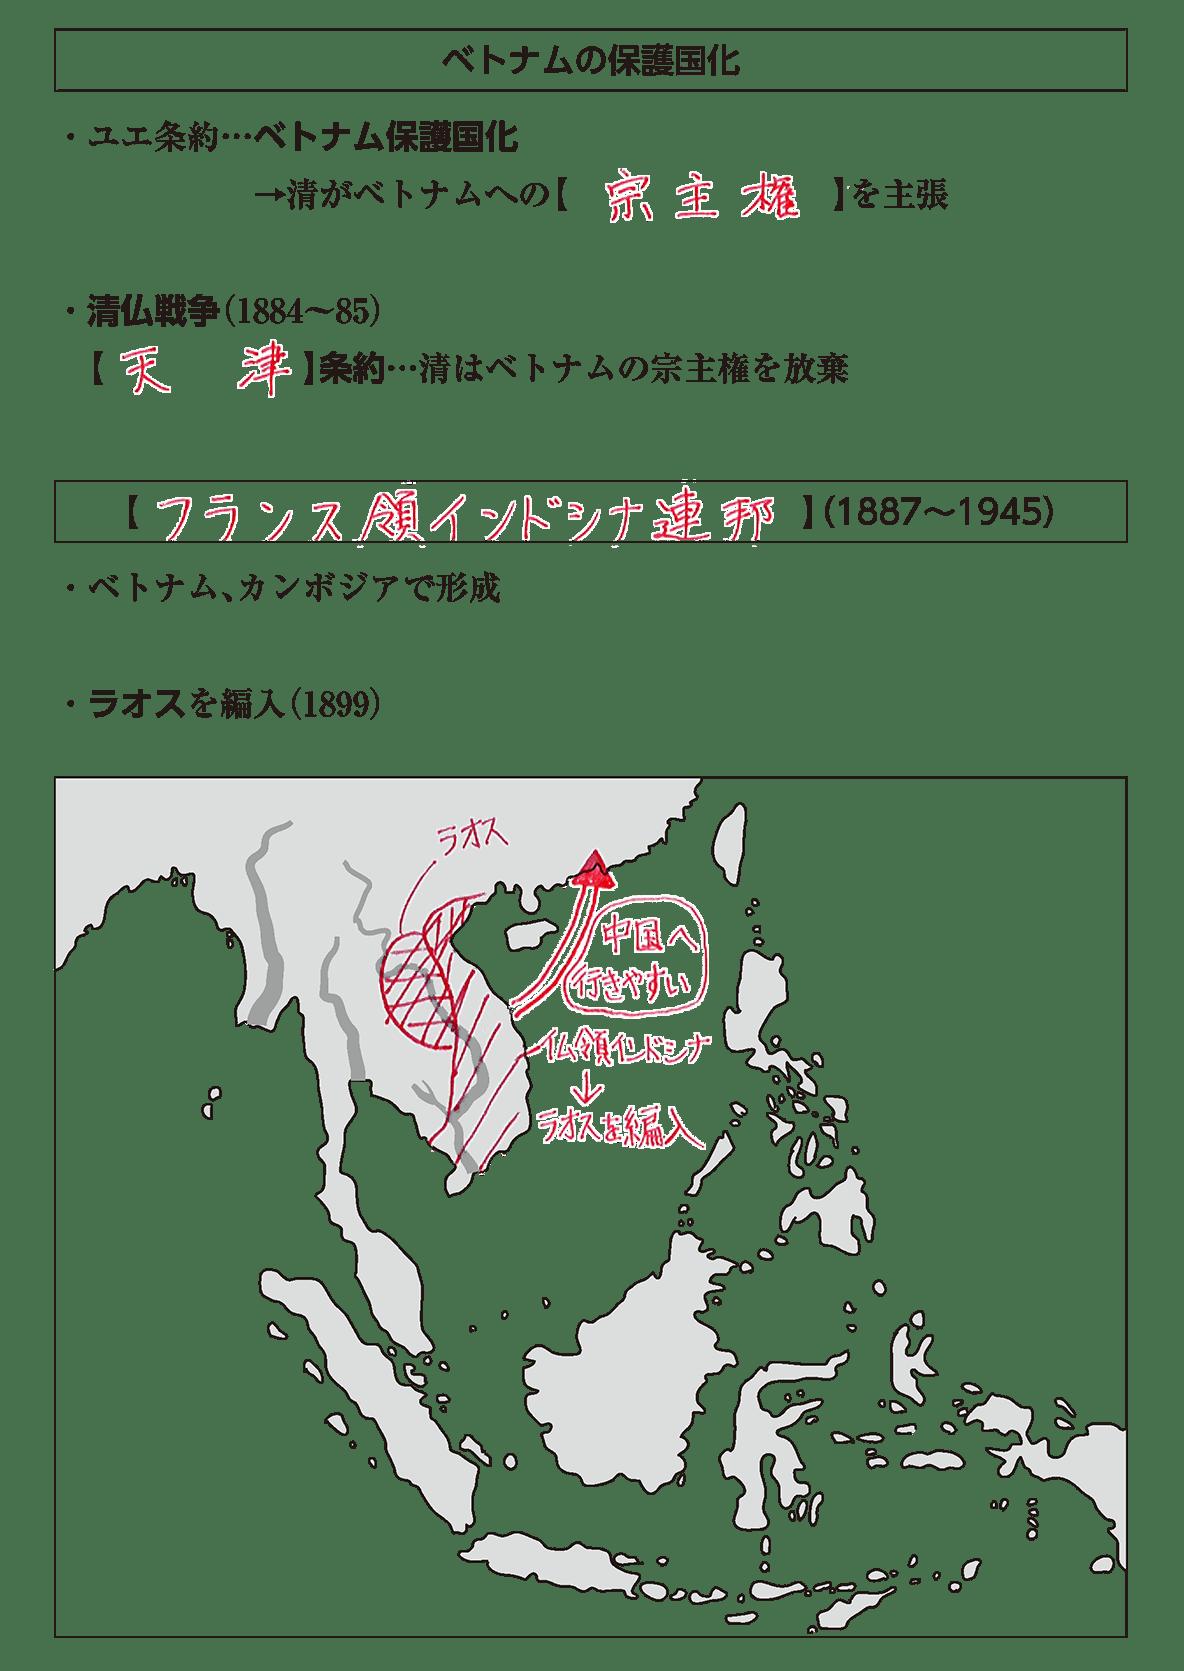 アジア諸地域の植民地化1 ポイント2 答え全部